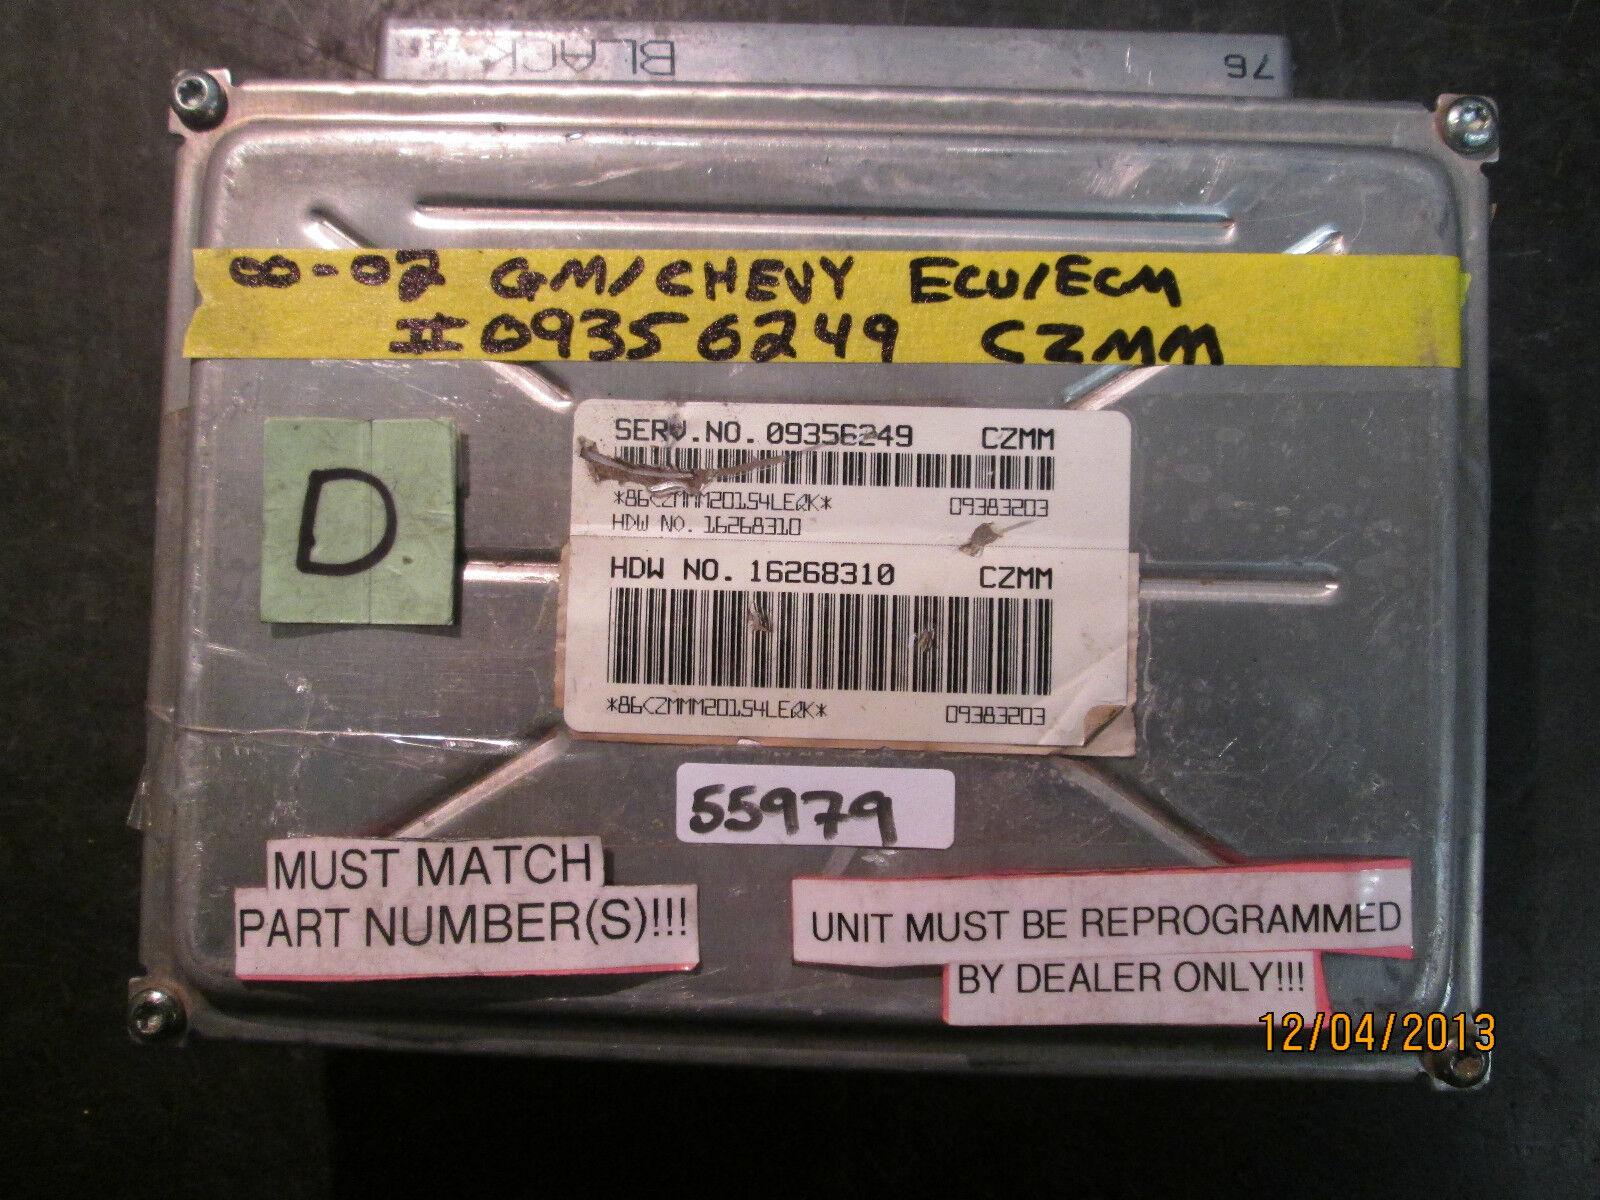 00 01 02 GM/CHEVY ECU/ECM #09356249 CZMM *See item description* For Sale